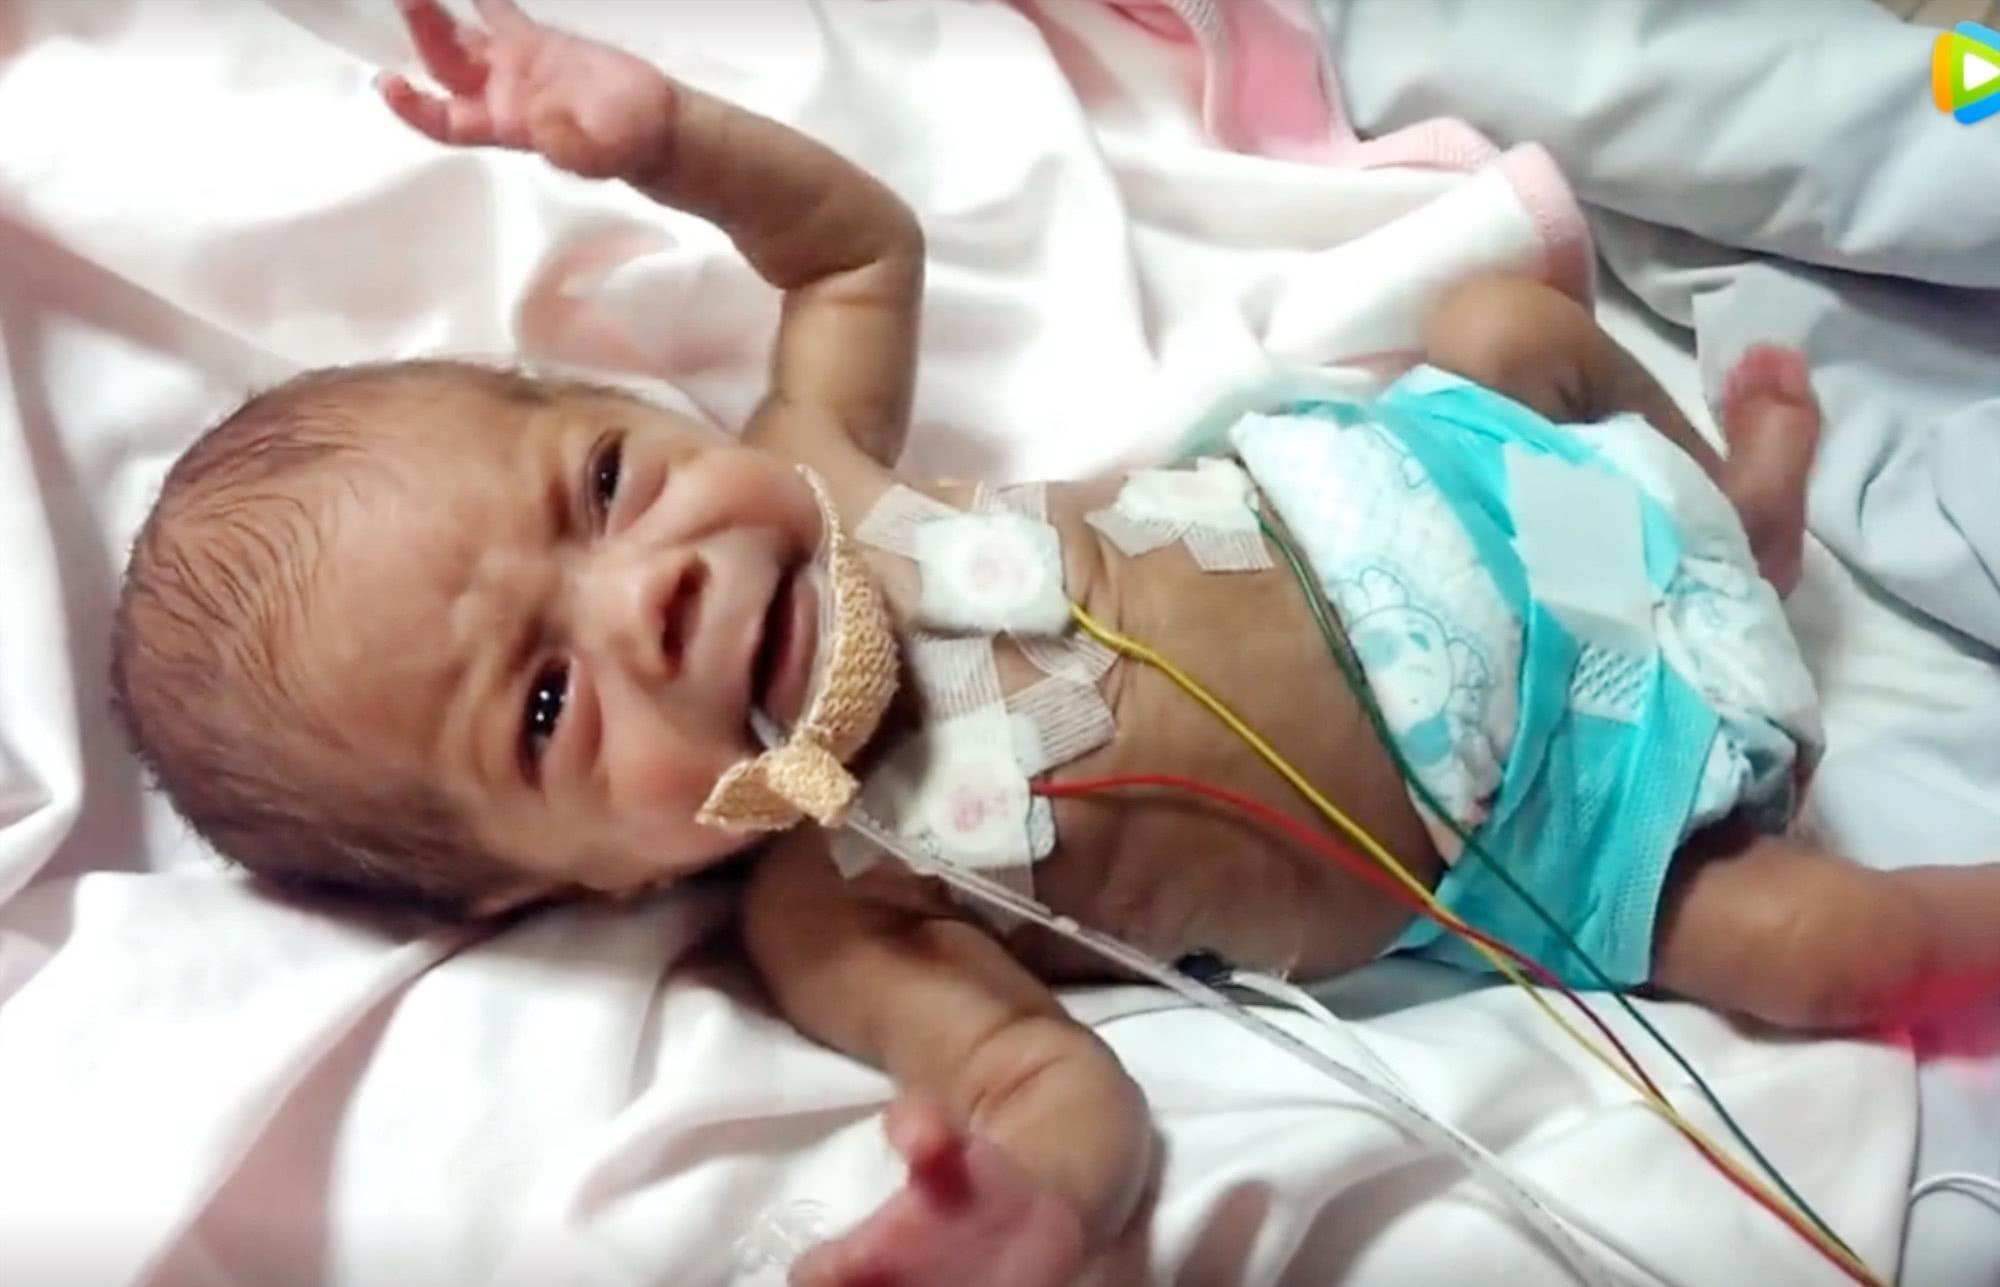 29周早产儿全身插满管子,哭起来胳膊都在颤抖,看着好心疼